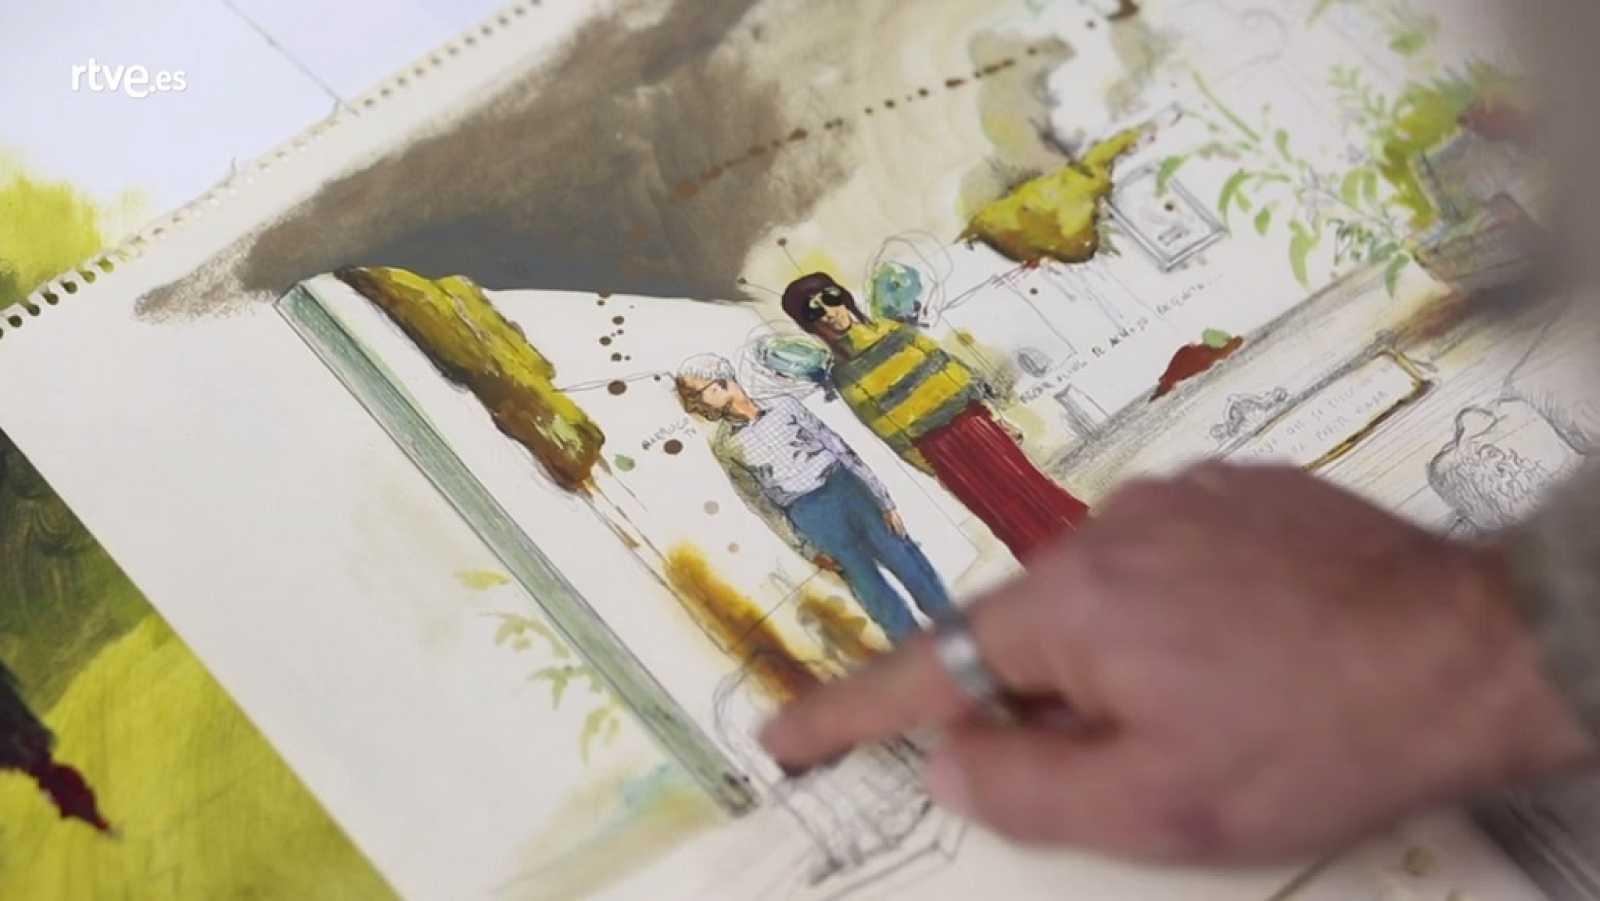 Desatados - 18 José Luis Serzo, Artista multidisciplinar - 05/01/18 - ver ahora